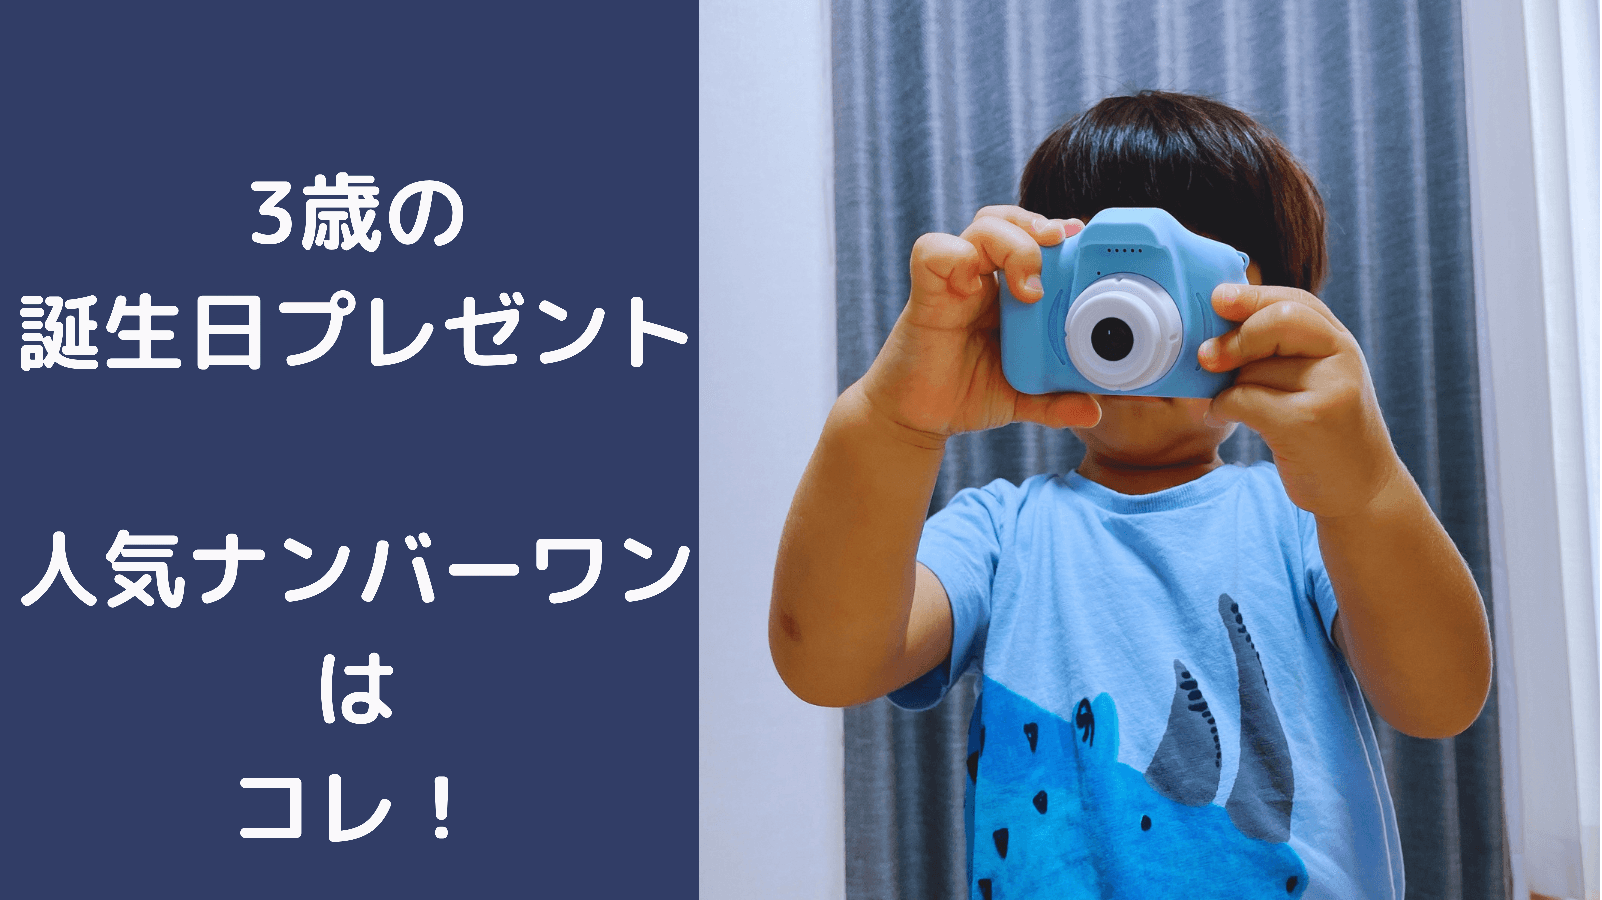 3歳誕生日プレゼントのトイカメラ